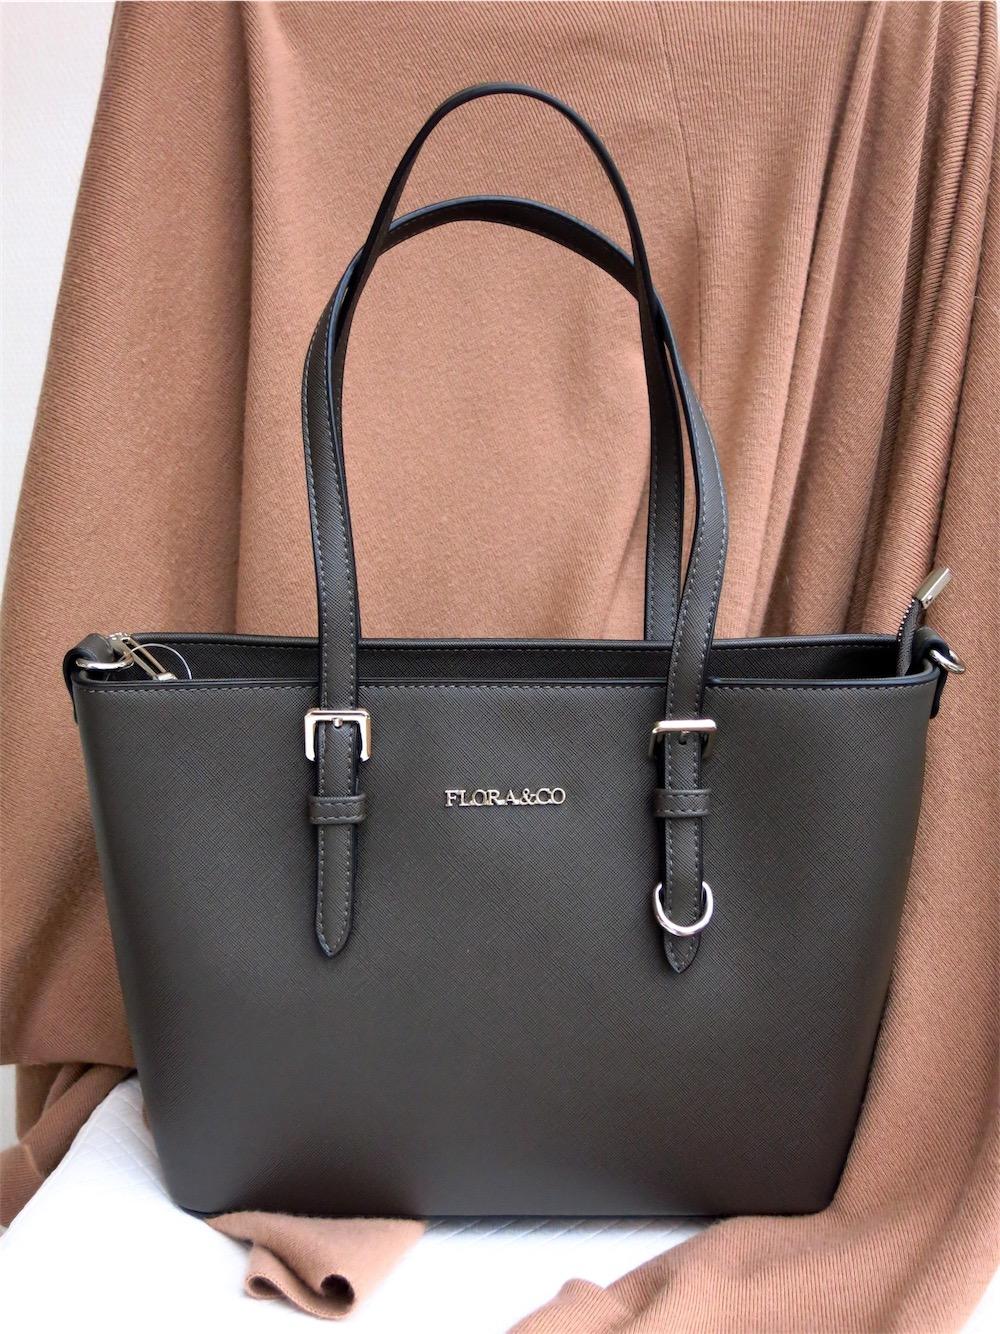 6450ce4ea9ceb Taschen und Handtaschen Susanne Hebel